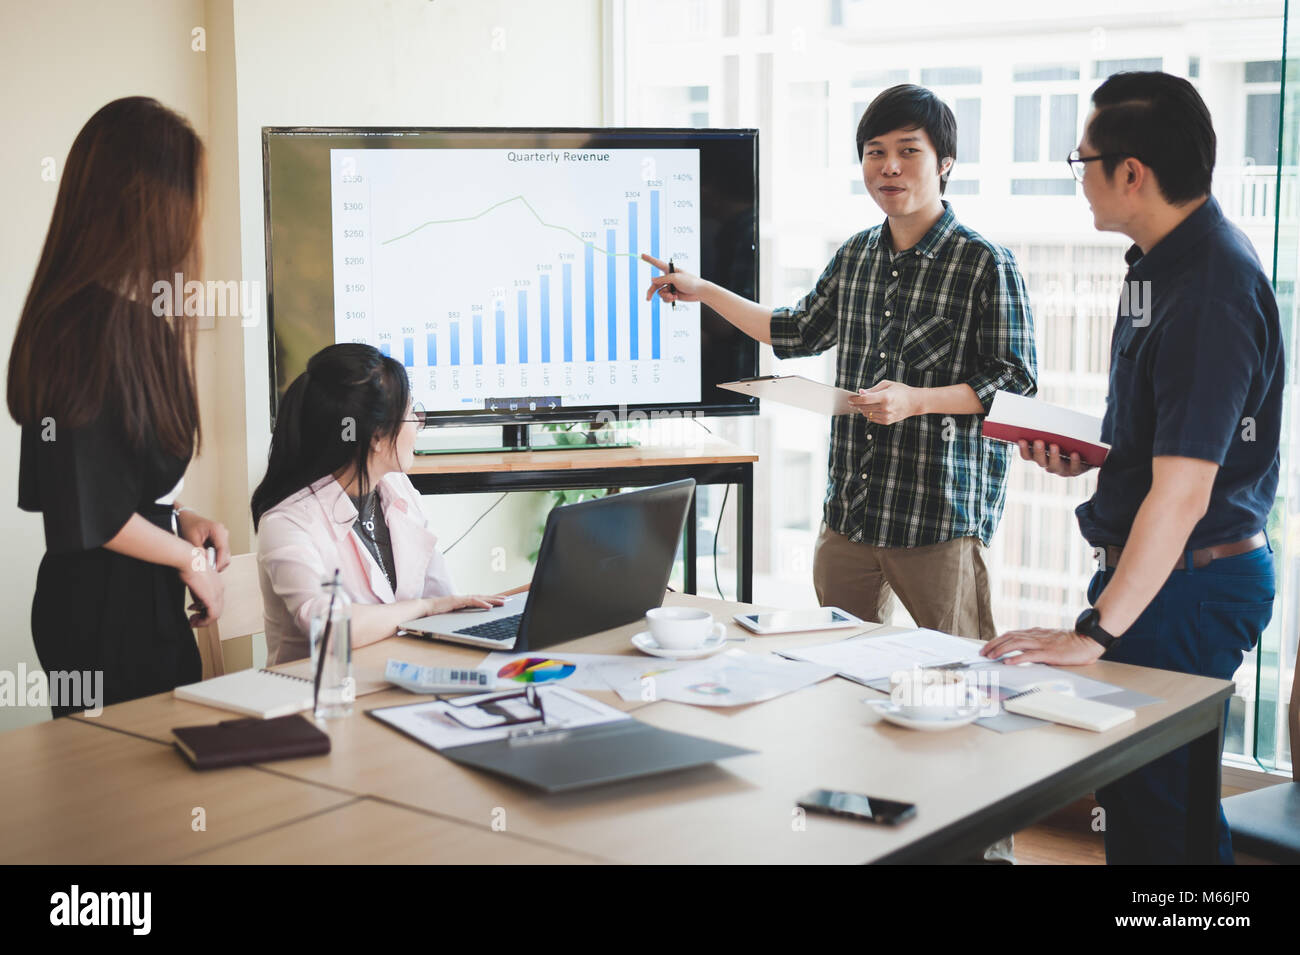 La empresaria asiática y debatir ideas con jóvenes hombre freelance en la sala de reuniones. Empresa co-operar con externalizar el concepto de trabajador. Foto de stock